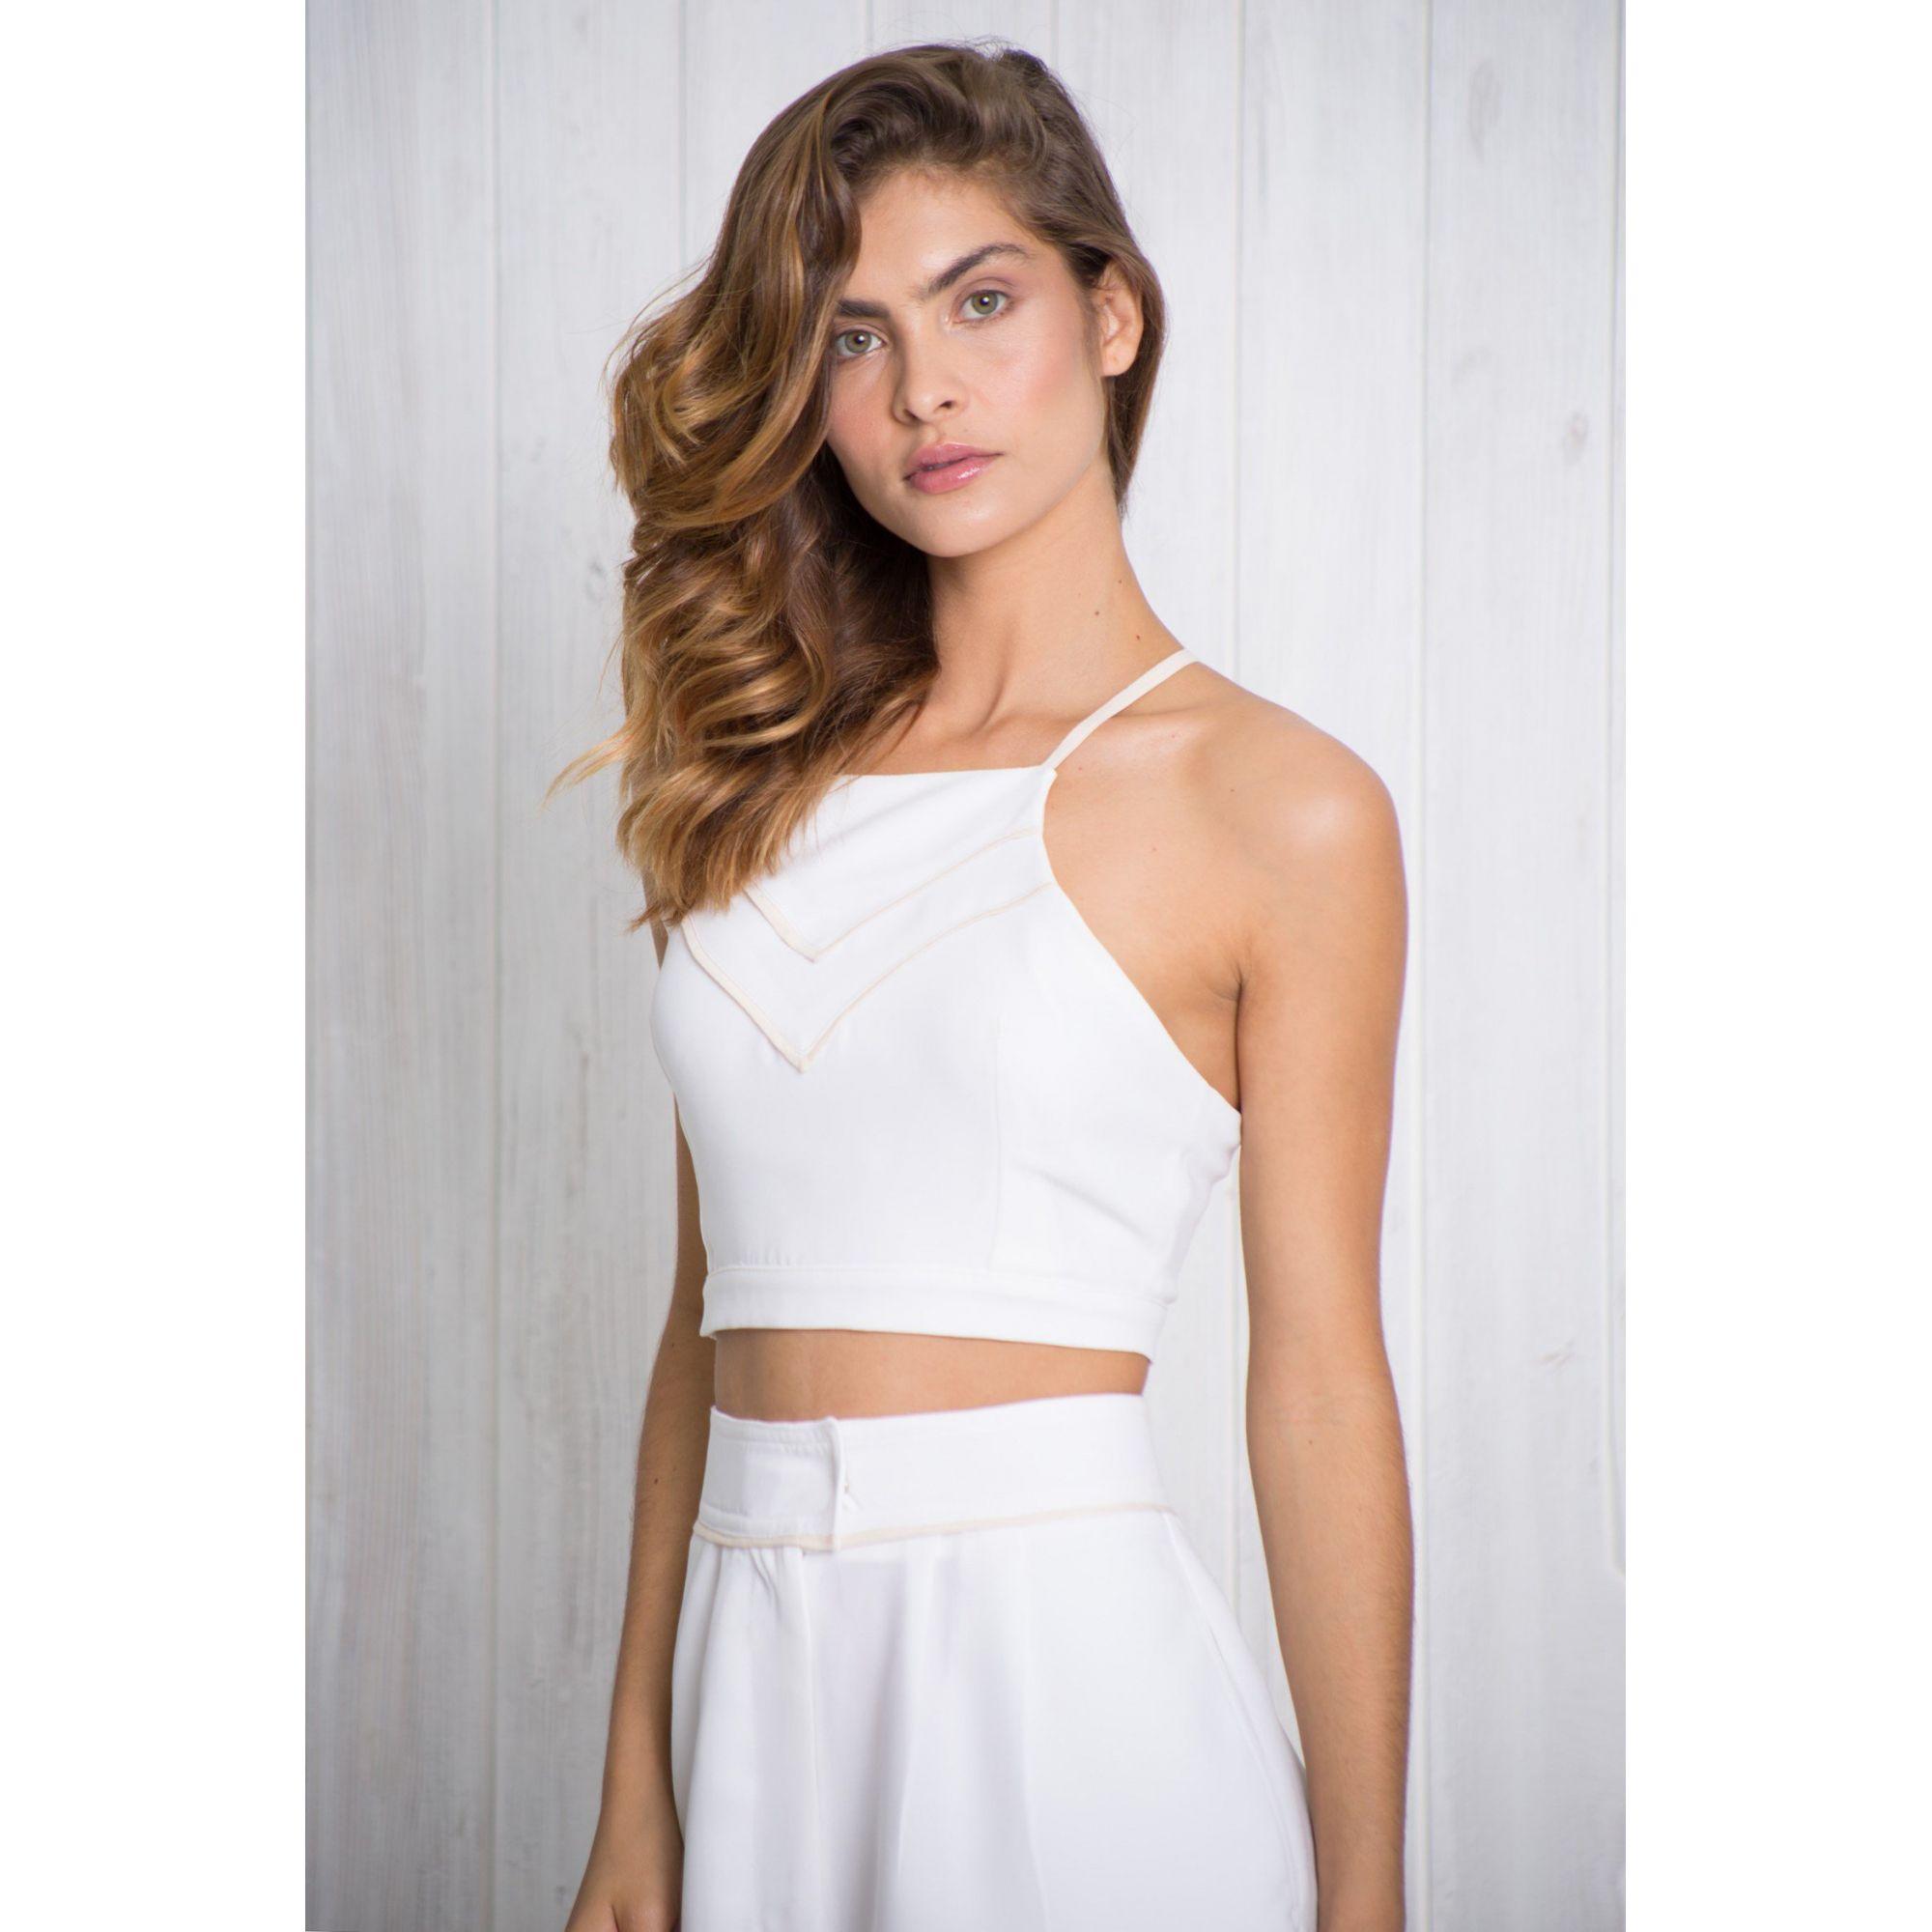 a8d79df1a7 roupas+vestido+jacquard+com+recortes+preto